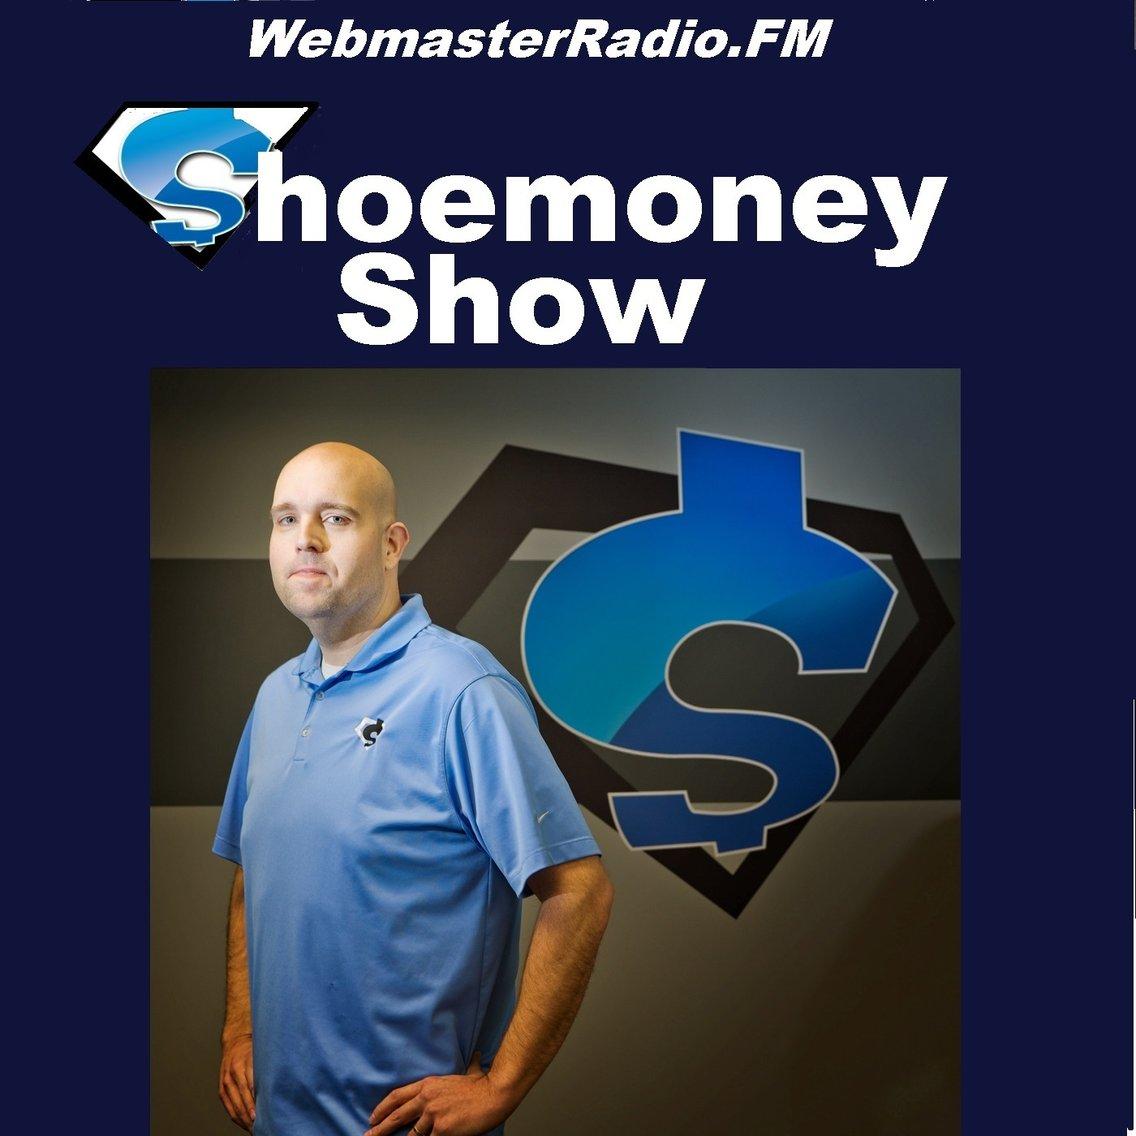 Shoemoney Show - imagen de portada